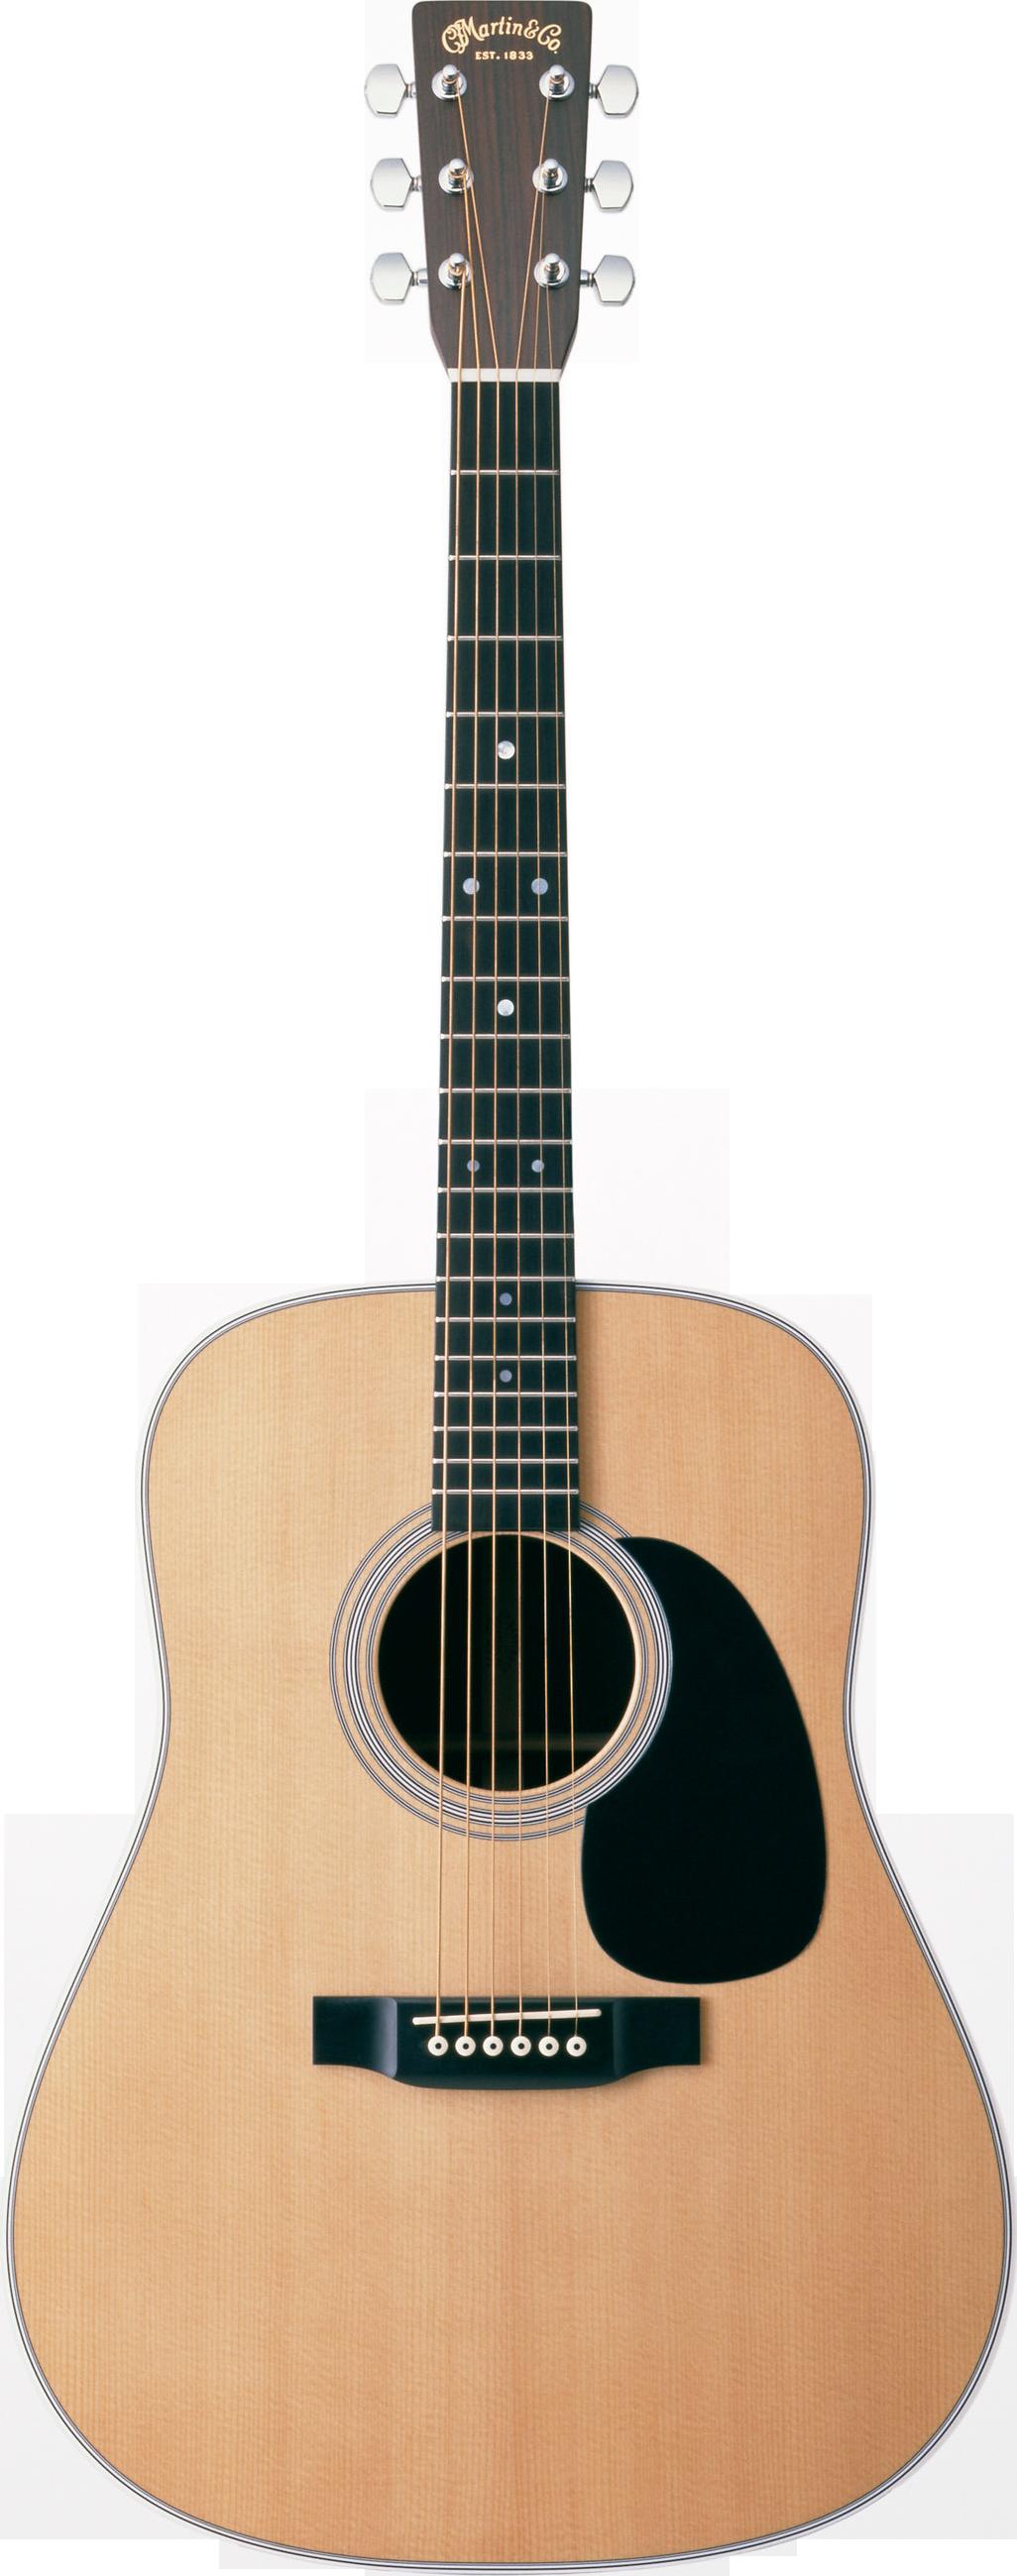 Acoustic Classic Guitar Png Image Guitar Acoustic Guitar Classic Guitar